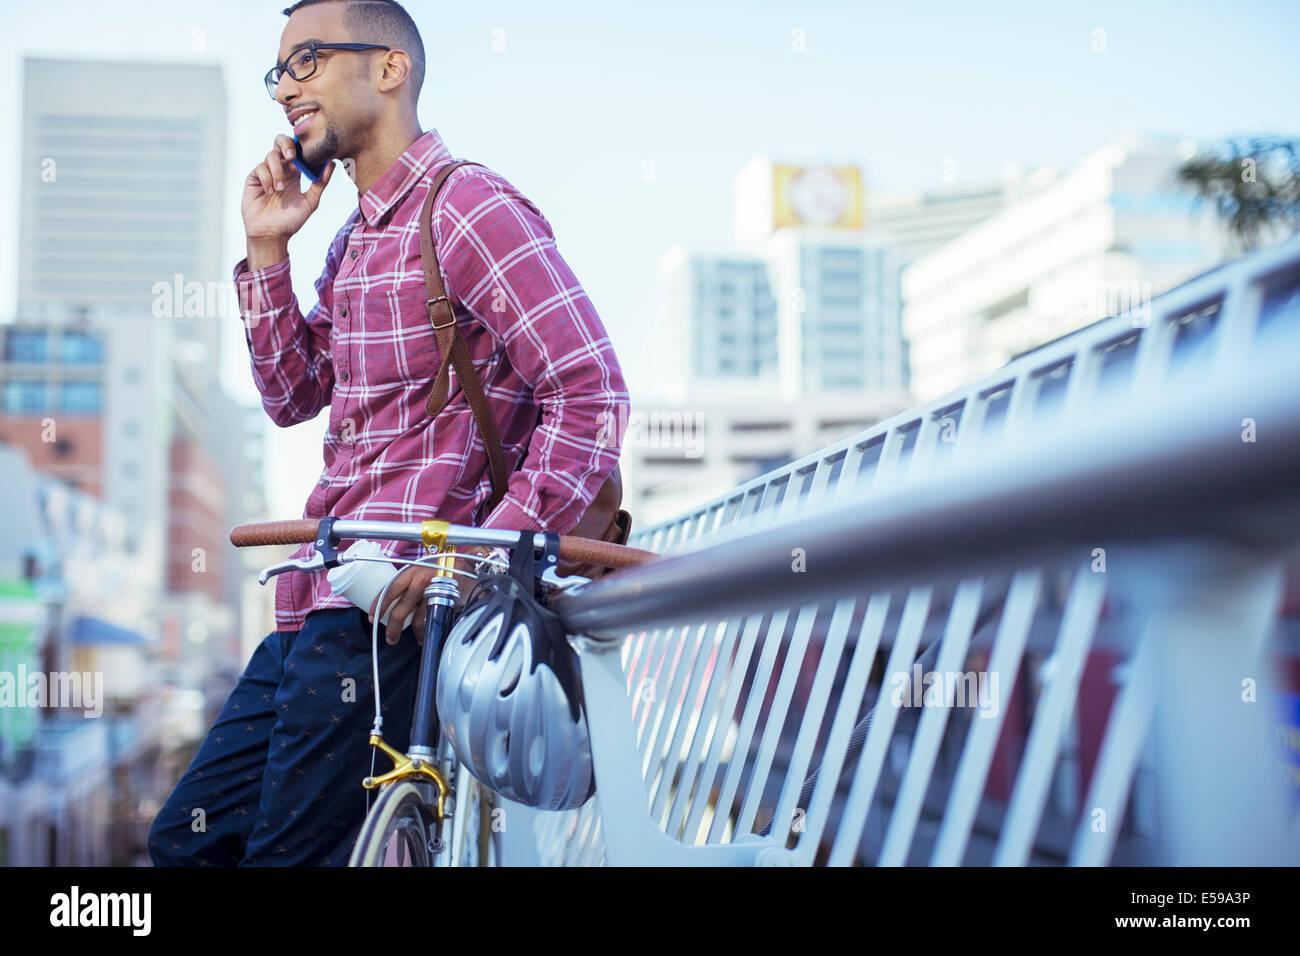 L'uomo parlando al cellulare su una strada di città Immagini Stock